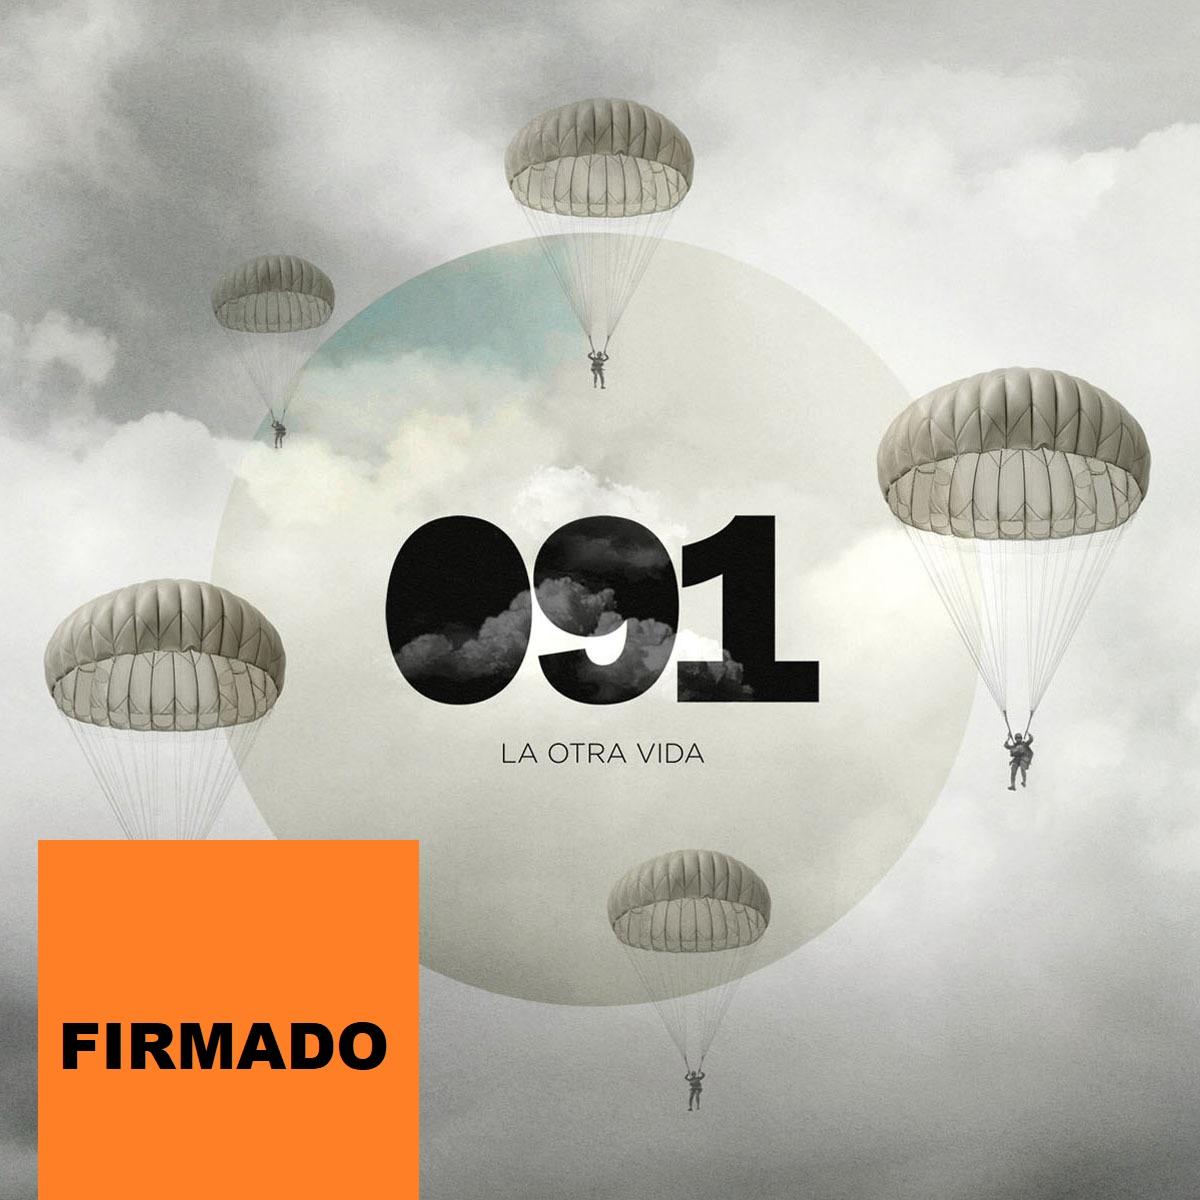 LA OTRA VIDA -FIRMADO-